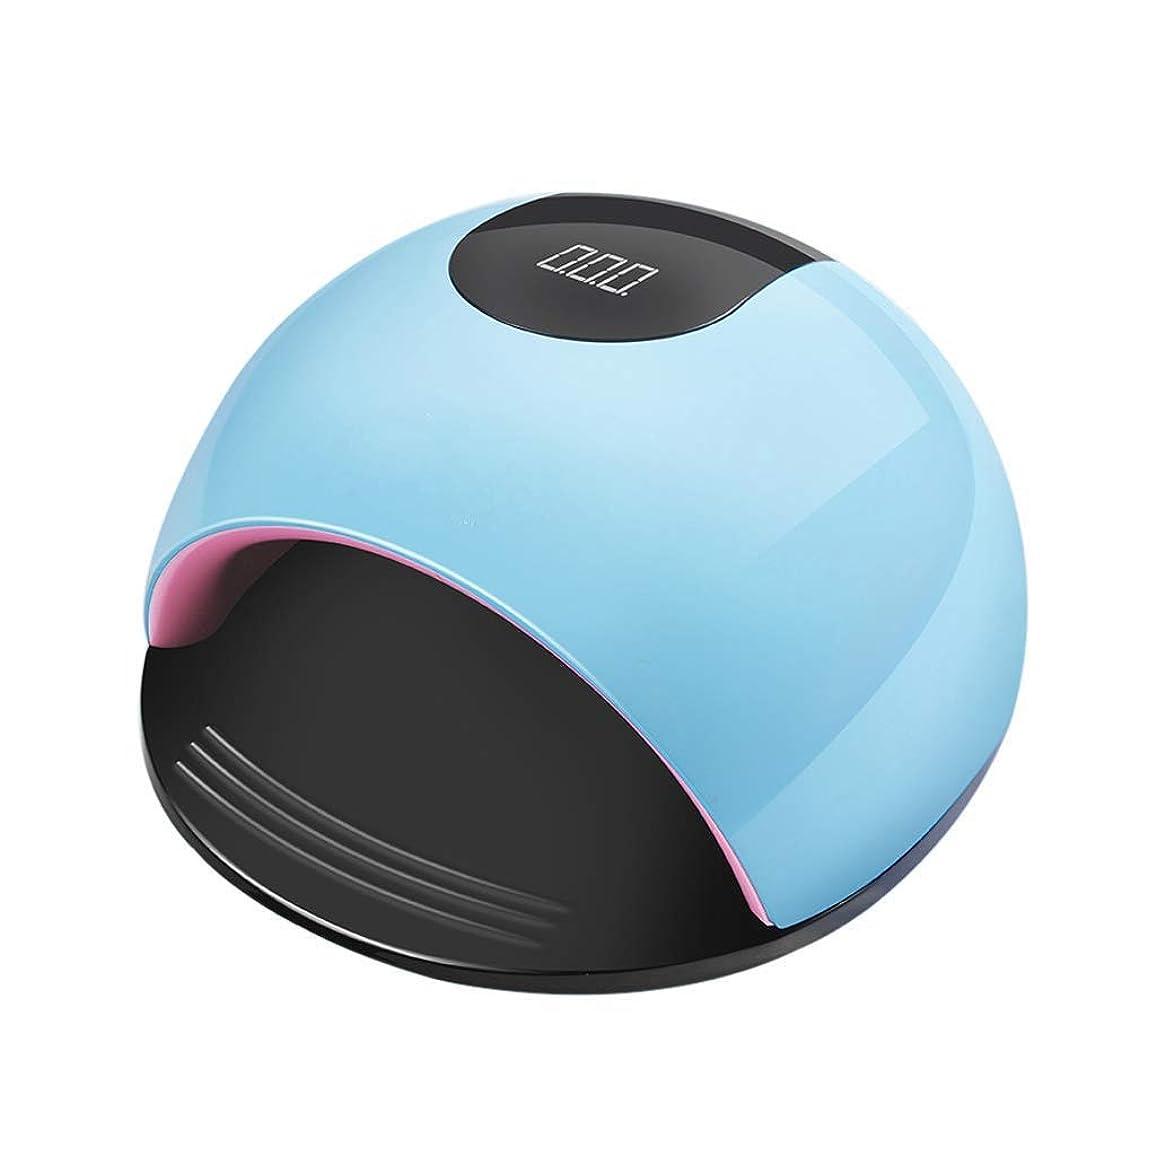 アセンブリマチュピチュ仕方Yalztc-zyq16 ネイルライト80ワットハイパワーネイル光線療法機36デュアル光源LEDライトドライヤーLCDスクリーンタイミングクイックドライフルグルー(ブルー、ホワイト) (色 : 青)